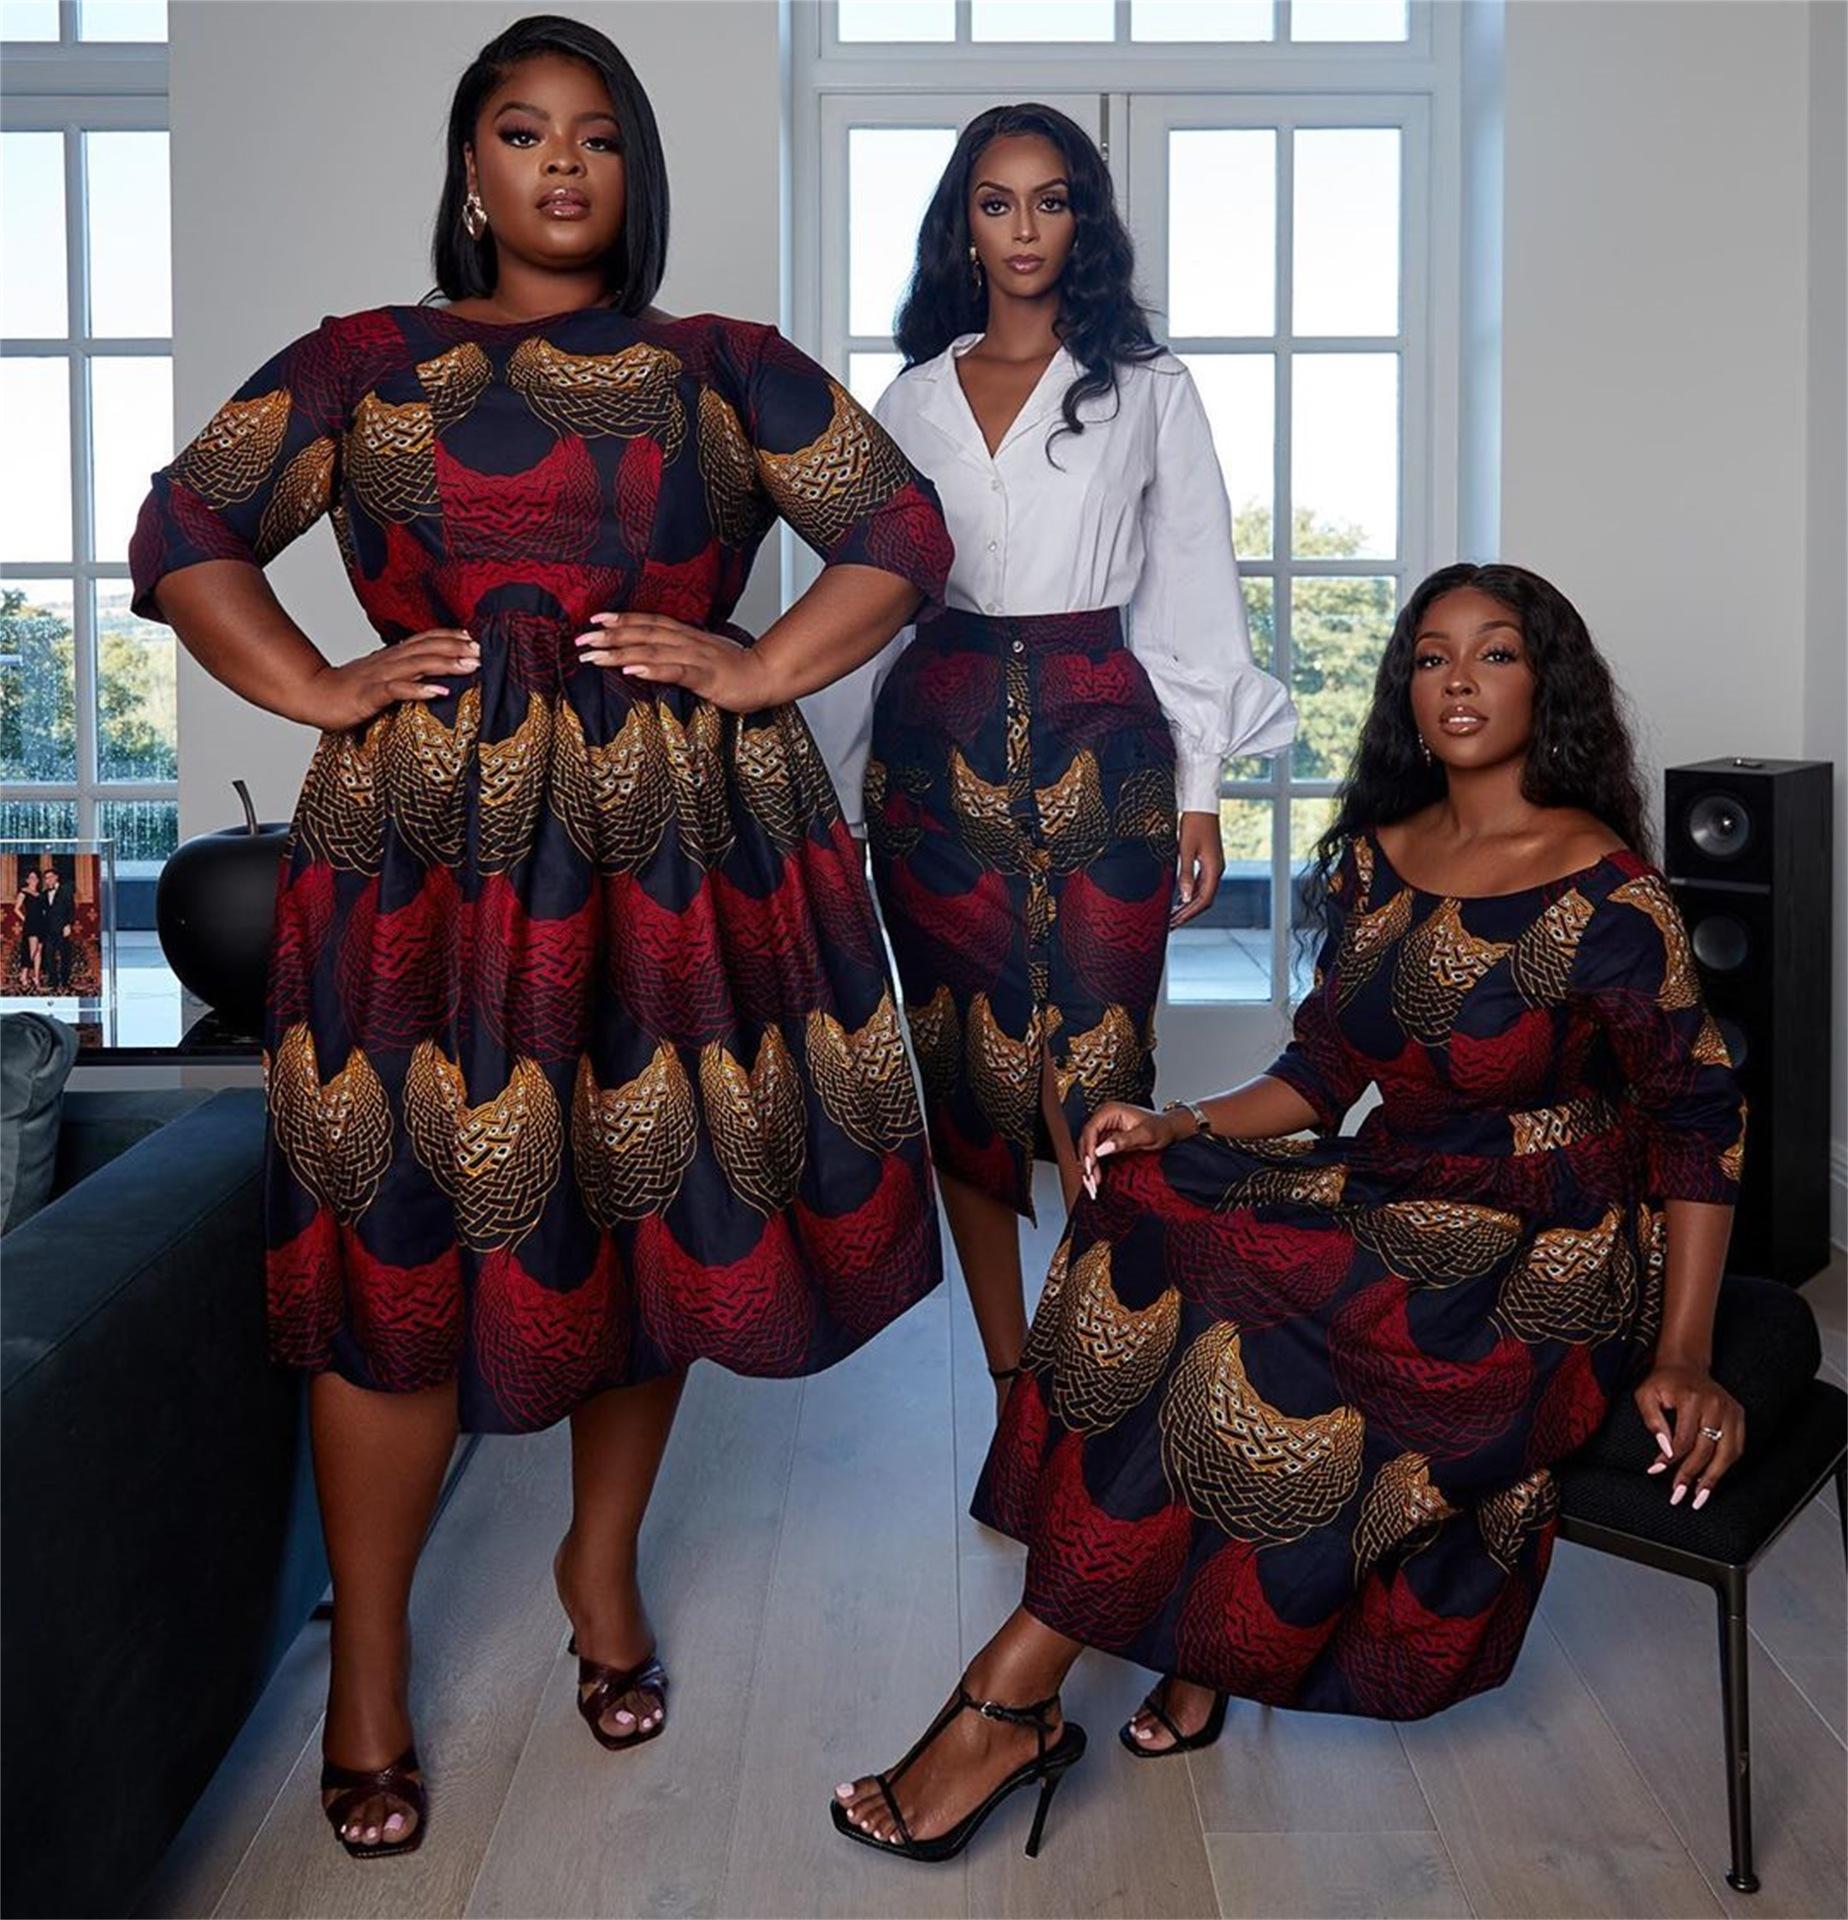 Популярный новый традиционный цифровой принт U-образный вырез сексуальное женское платье с рукавом средней длины африканское элегантное платье